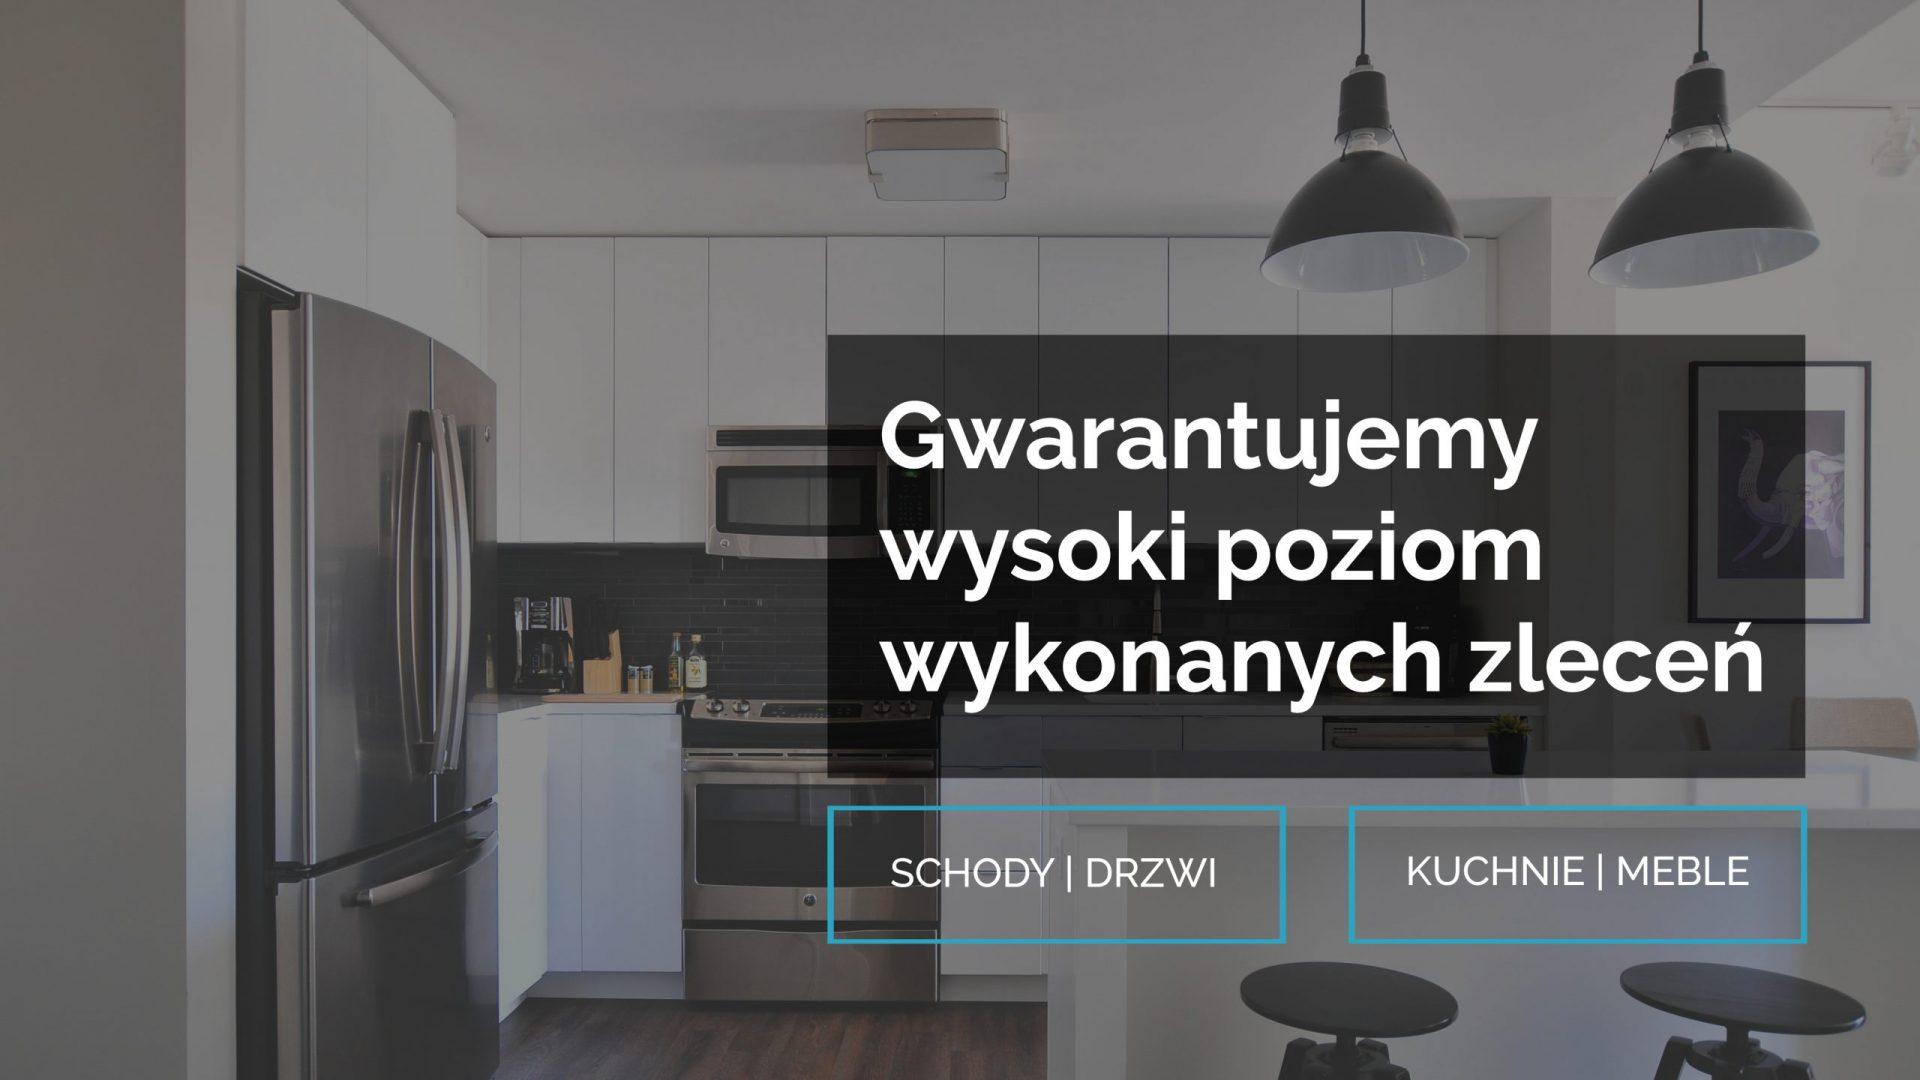 Warsztat Stolarski Marek Suda